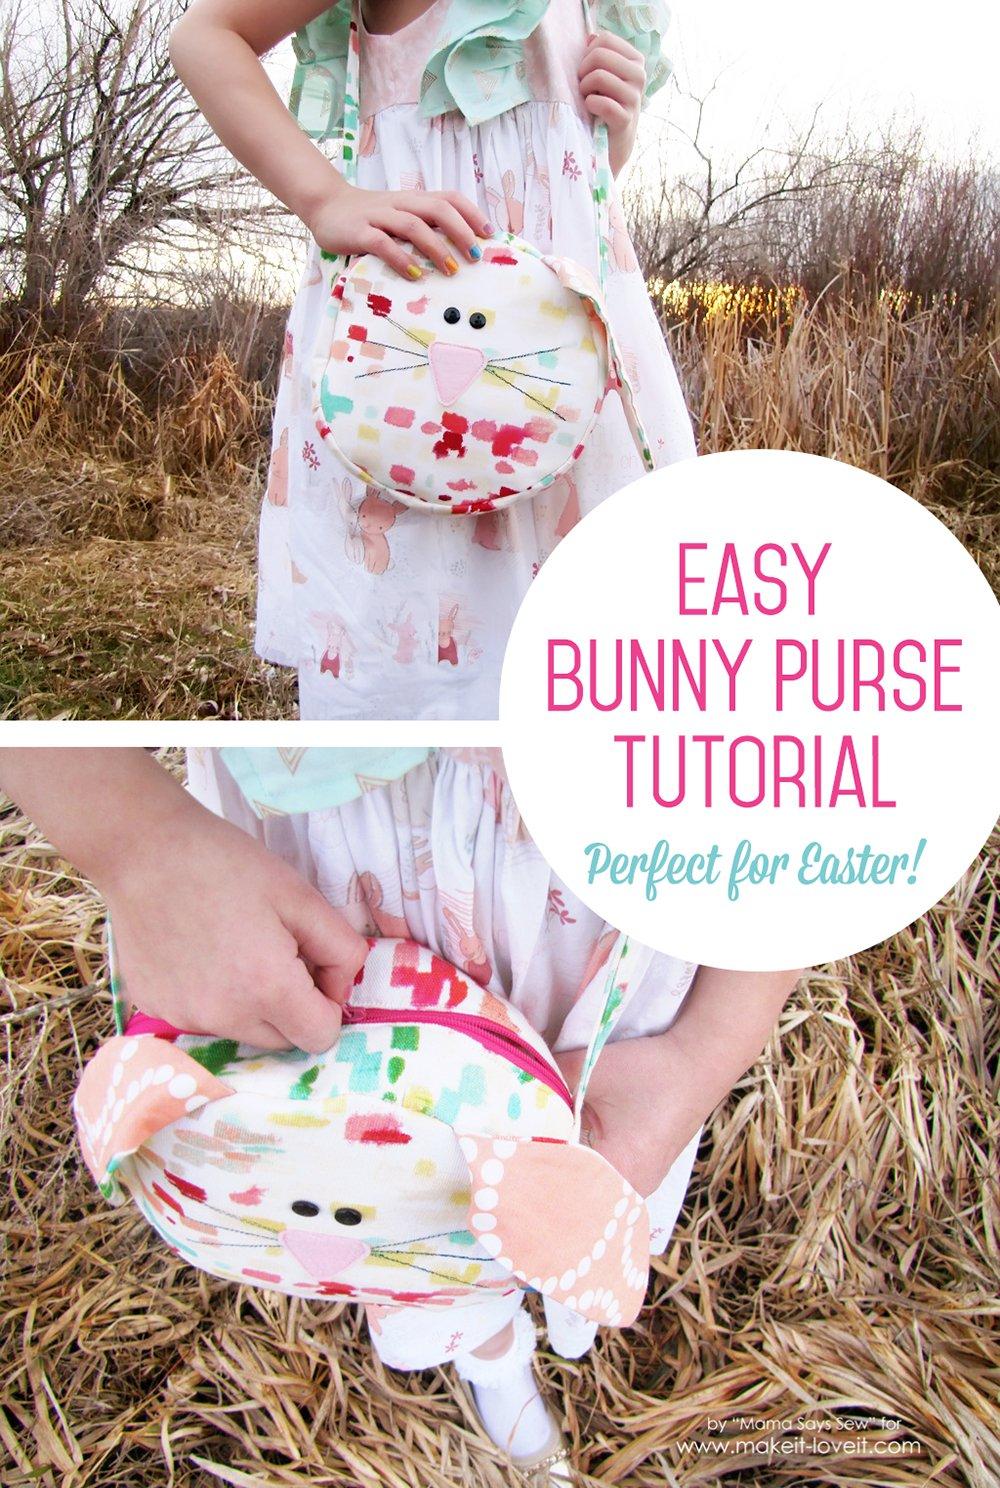 Easy Bunny Purse Tutorial